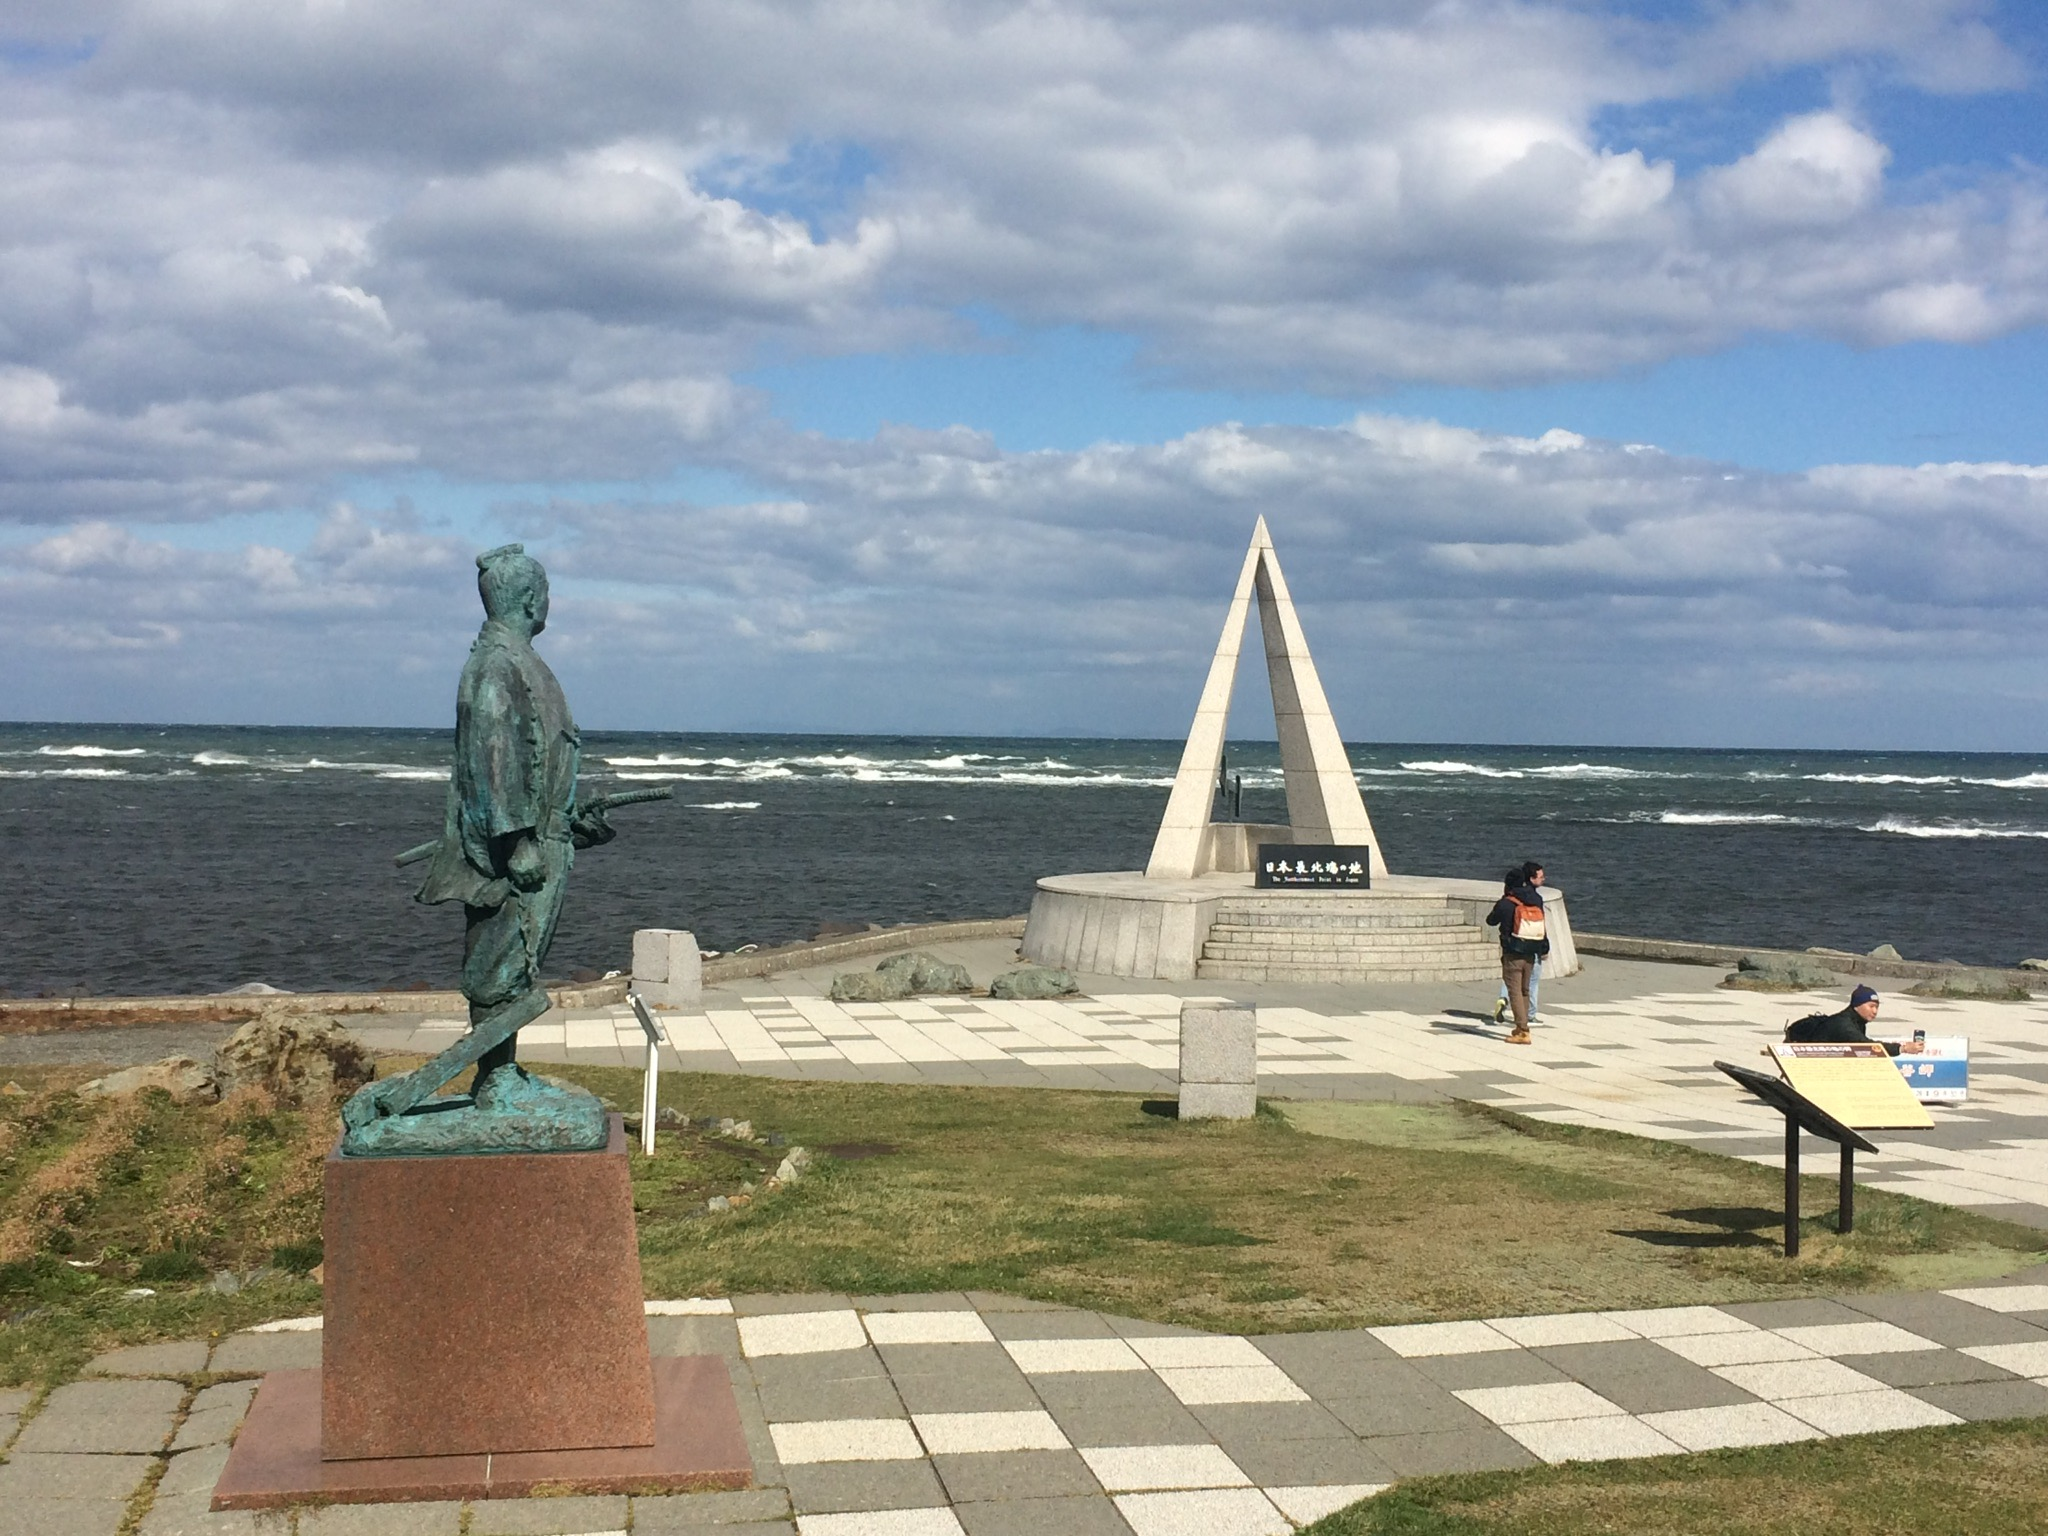 因為太冷了,手太凍,相機都拿不好。這是宗谷岬的紀念碑跟雕像。左邊的雕像是紀念第一個發現庫頁島的日本探險家間宮林藏,我非常喜歡這座雕像的設計,因為順著他面容的朝著方向,就會發現庫頁島,他就一直佇立在此,從日本領土,眺望遠在天邊近在咫尺的俄羅斯